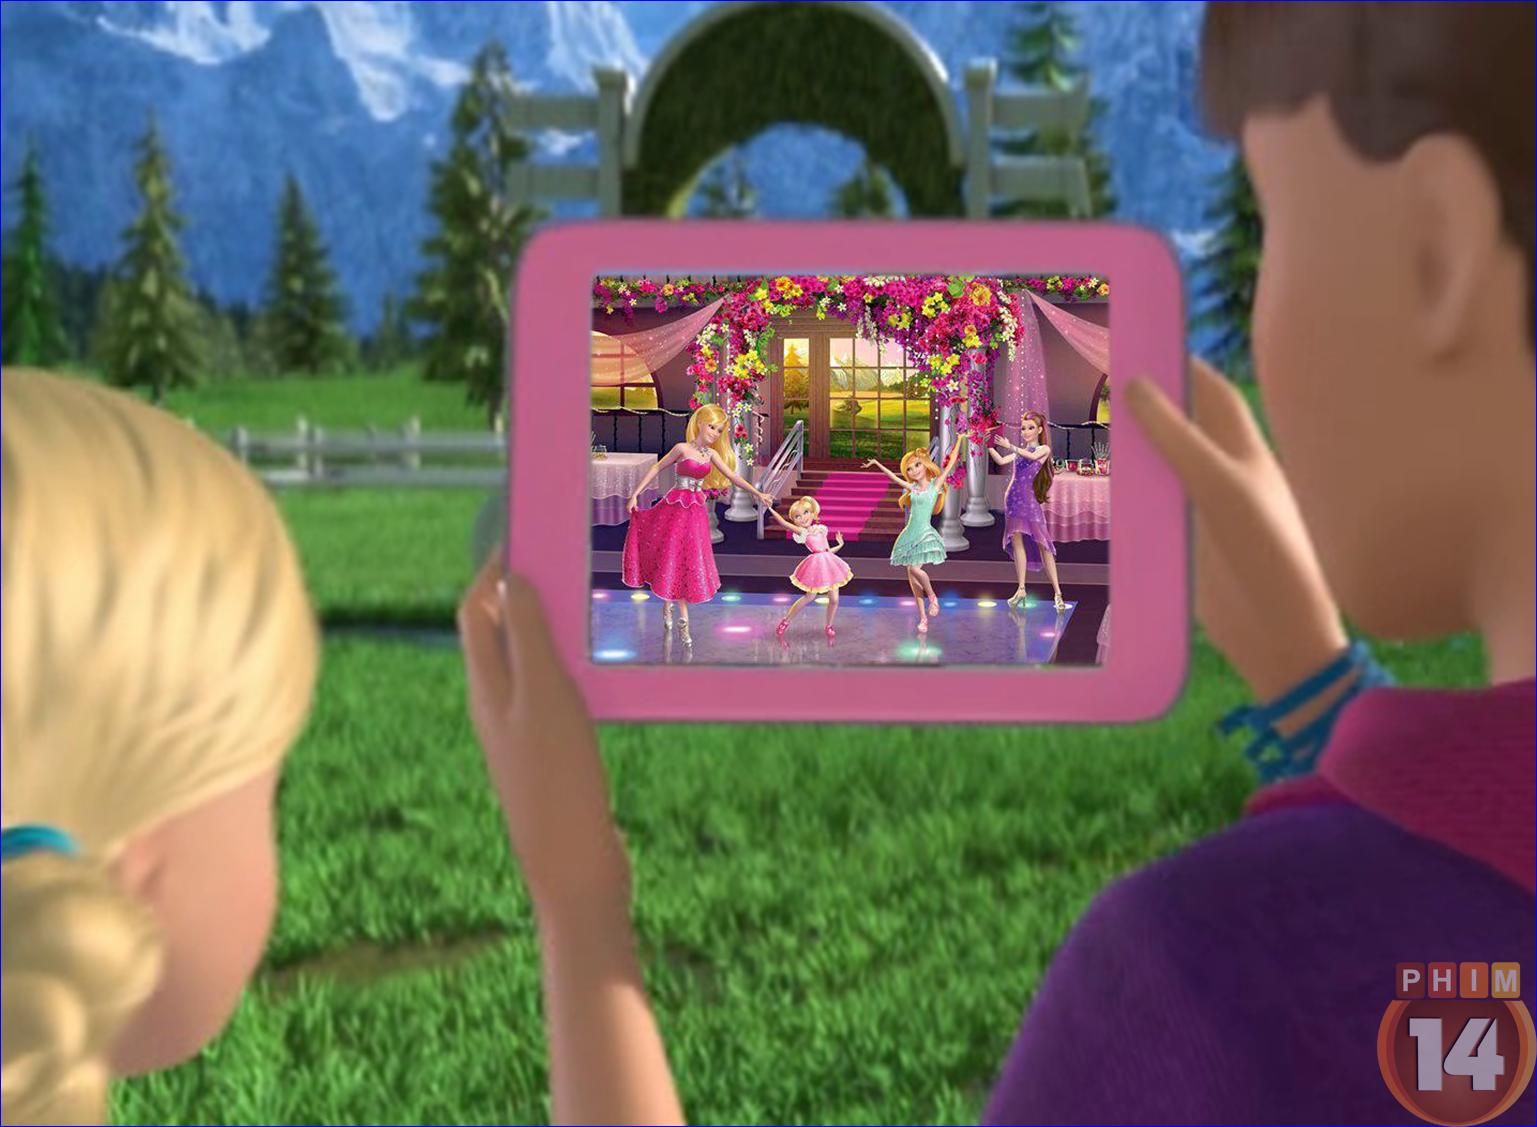 Barbie Và Chị Gái: Câu Chuyện Về Ngựa barbie and her sisters in pony tale barbie movies 35934986 1537 1127